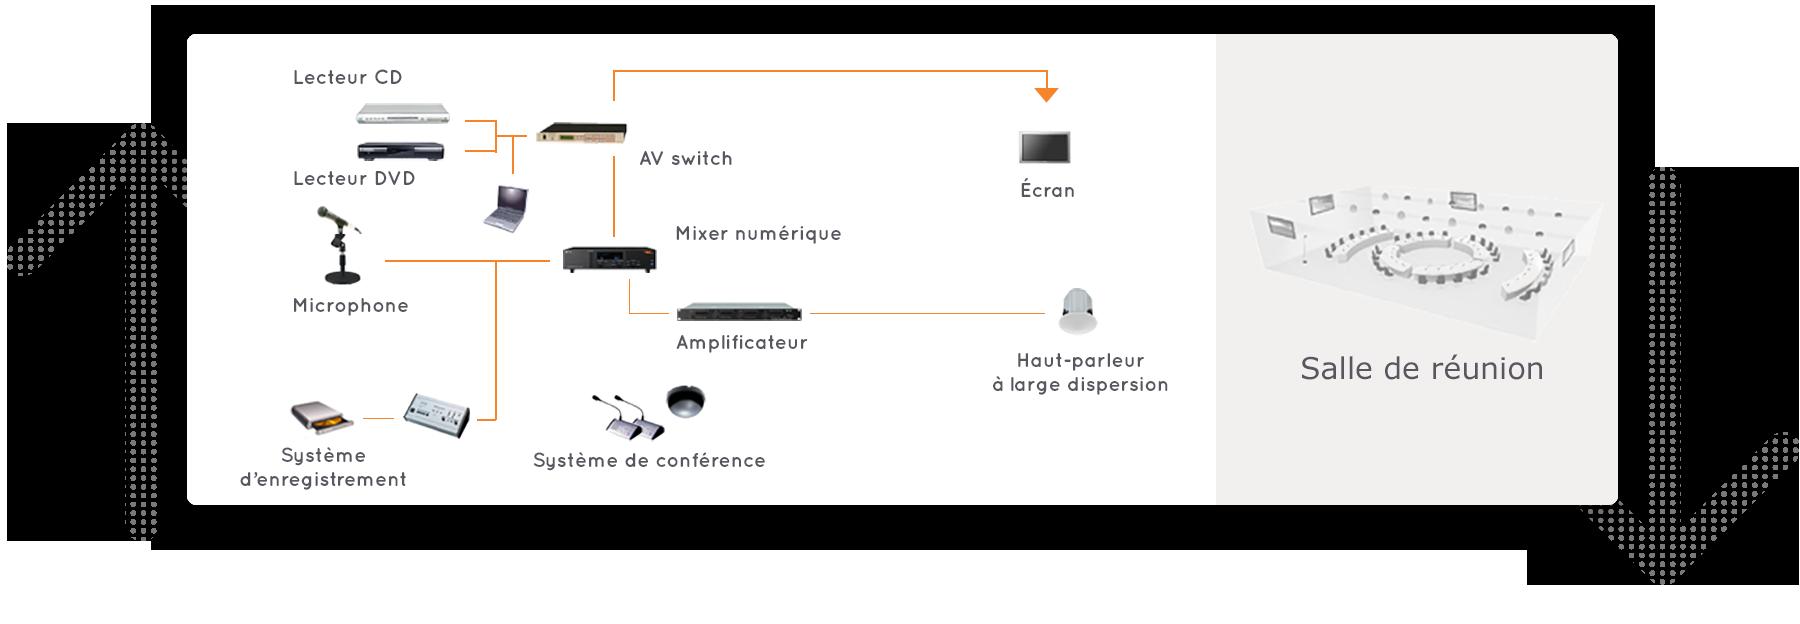 schéma Vidéo-conférence établissements salle de réunion